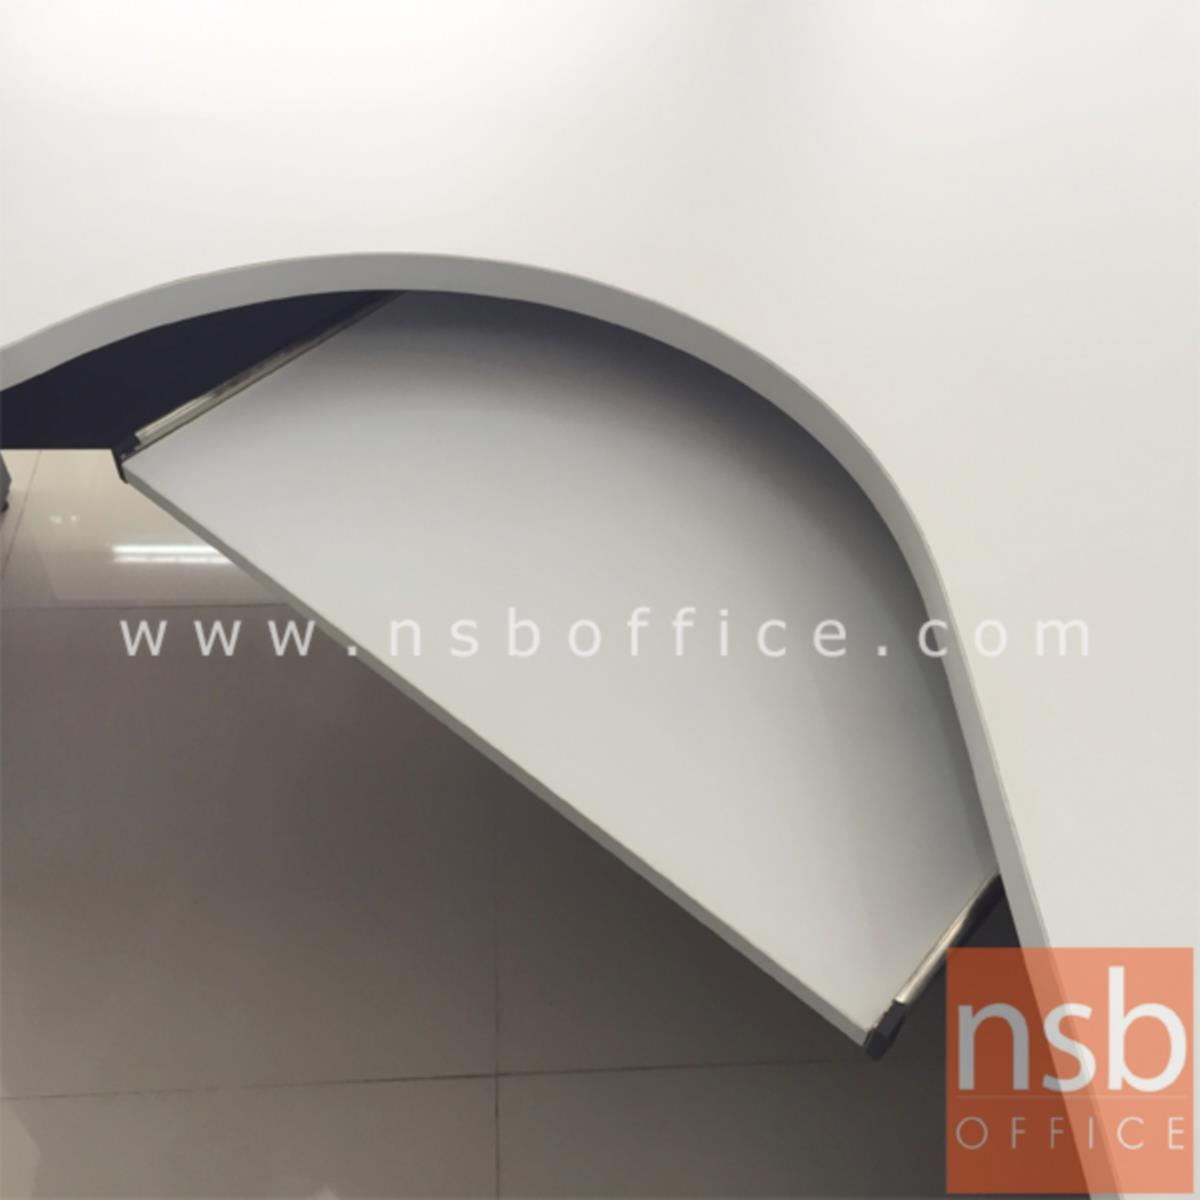 โต๊ะผู้บริหารตัวแอลหน้าโค้งเว้า  รุ่น Mendoza (เมนโดซ่า) ขนาด 165W1*120W2 cm. พร้อมรางคีย์บอร์ด เมลามีน